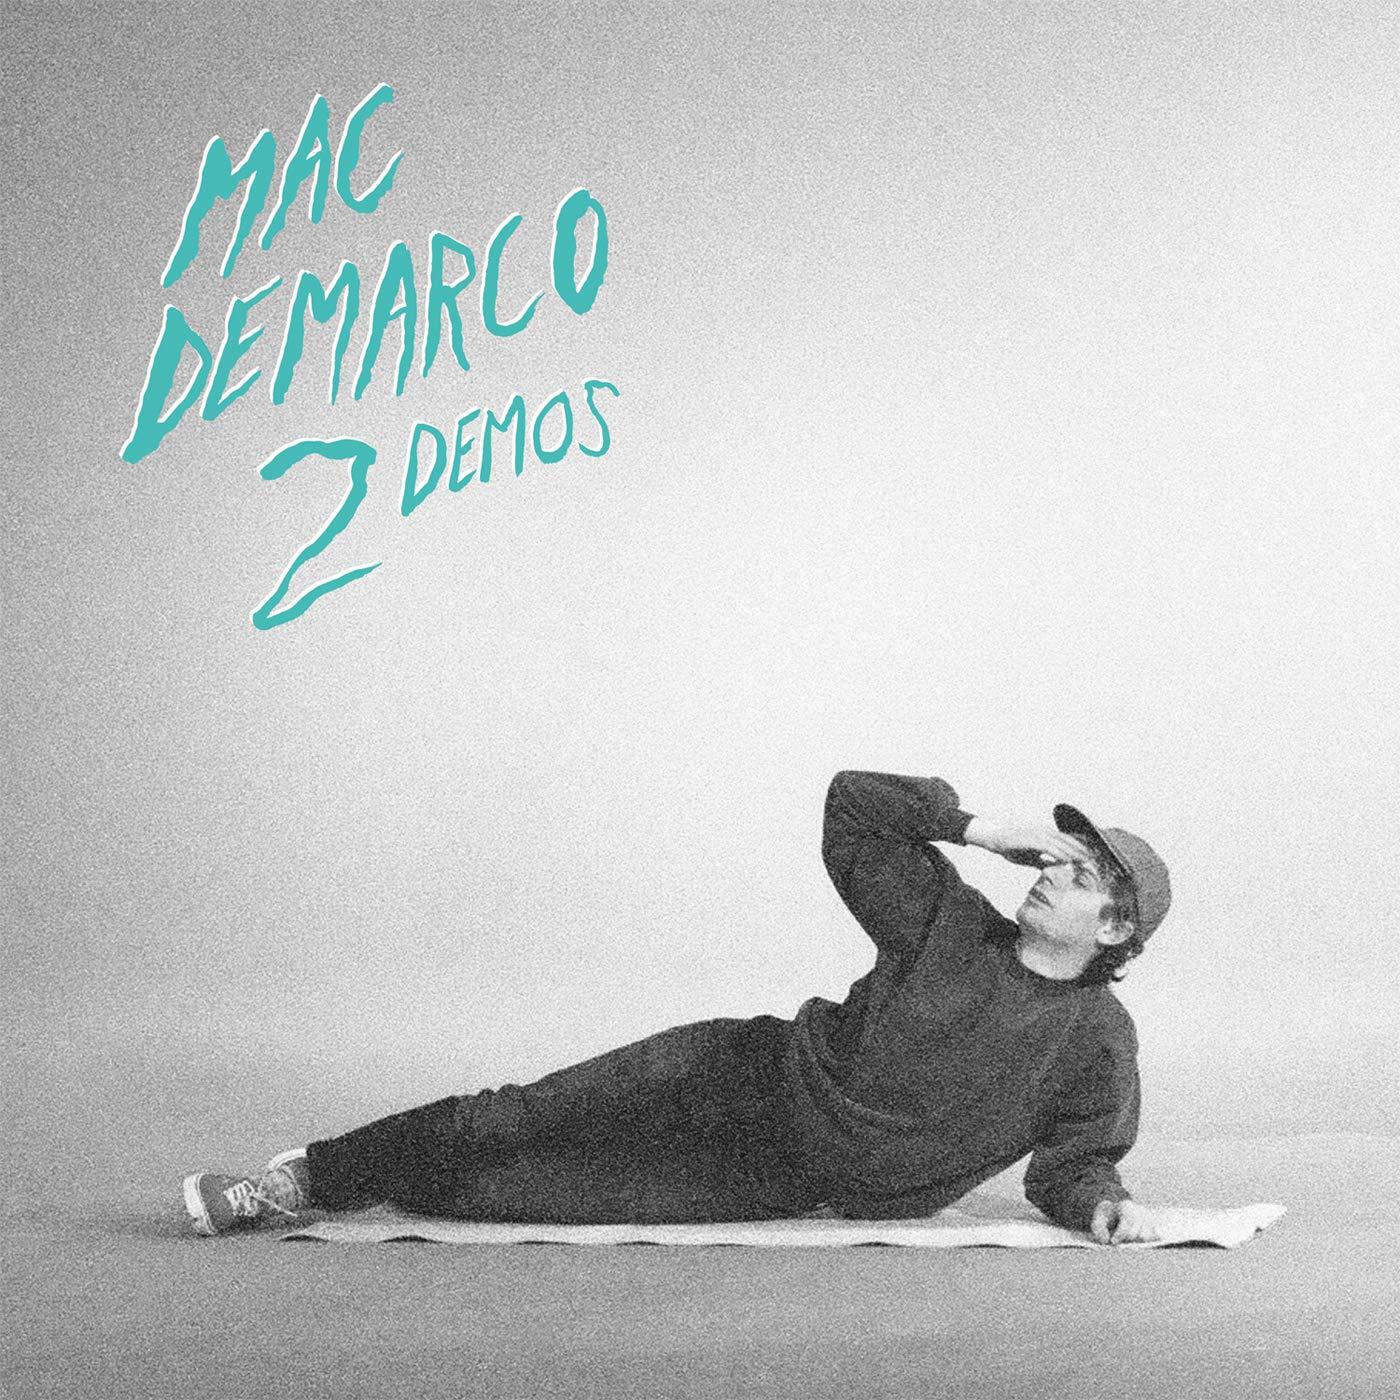 Vinilo : Mac DeMarco - 2 Demos (LP Vinyl)